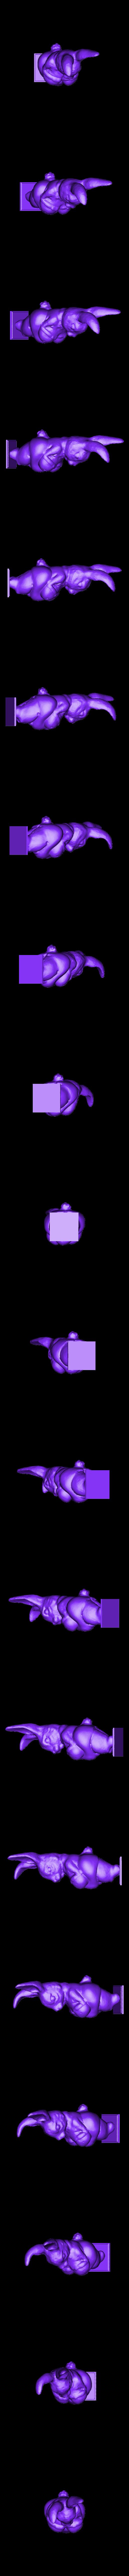 BunnyofWillendorf_100mm_Uncut.stl Télécharger fichier STL gratuit Lapin de Willendorf • Modèle à imprimer en 3D, Revalia6D